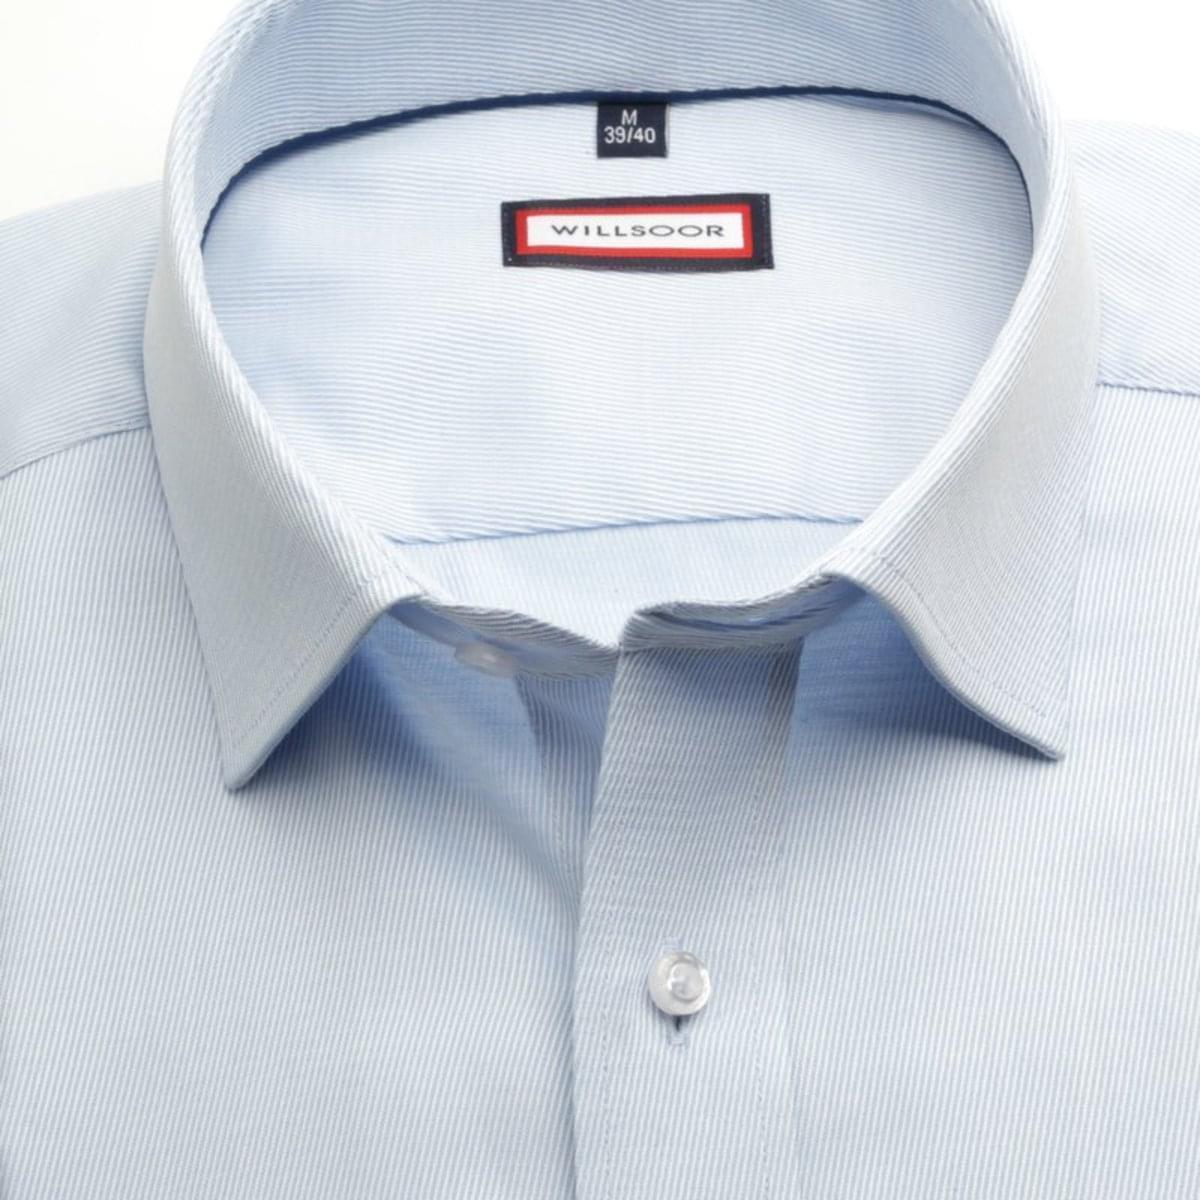 Pánská slim fit košile (výška 176-182) 7398 v modré barvě 176-182 / XL (43/44)